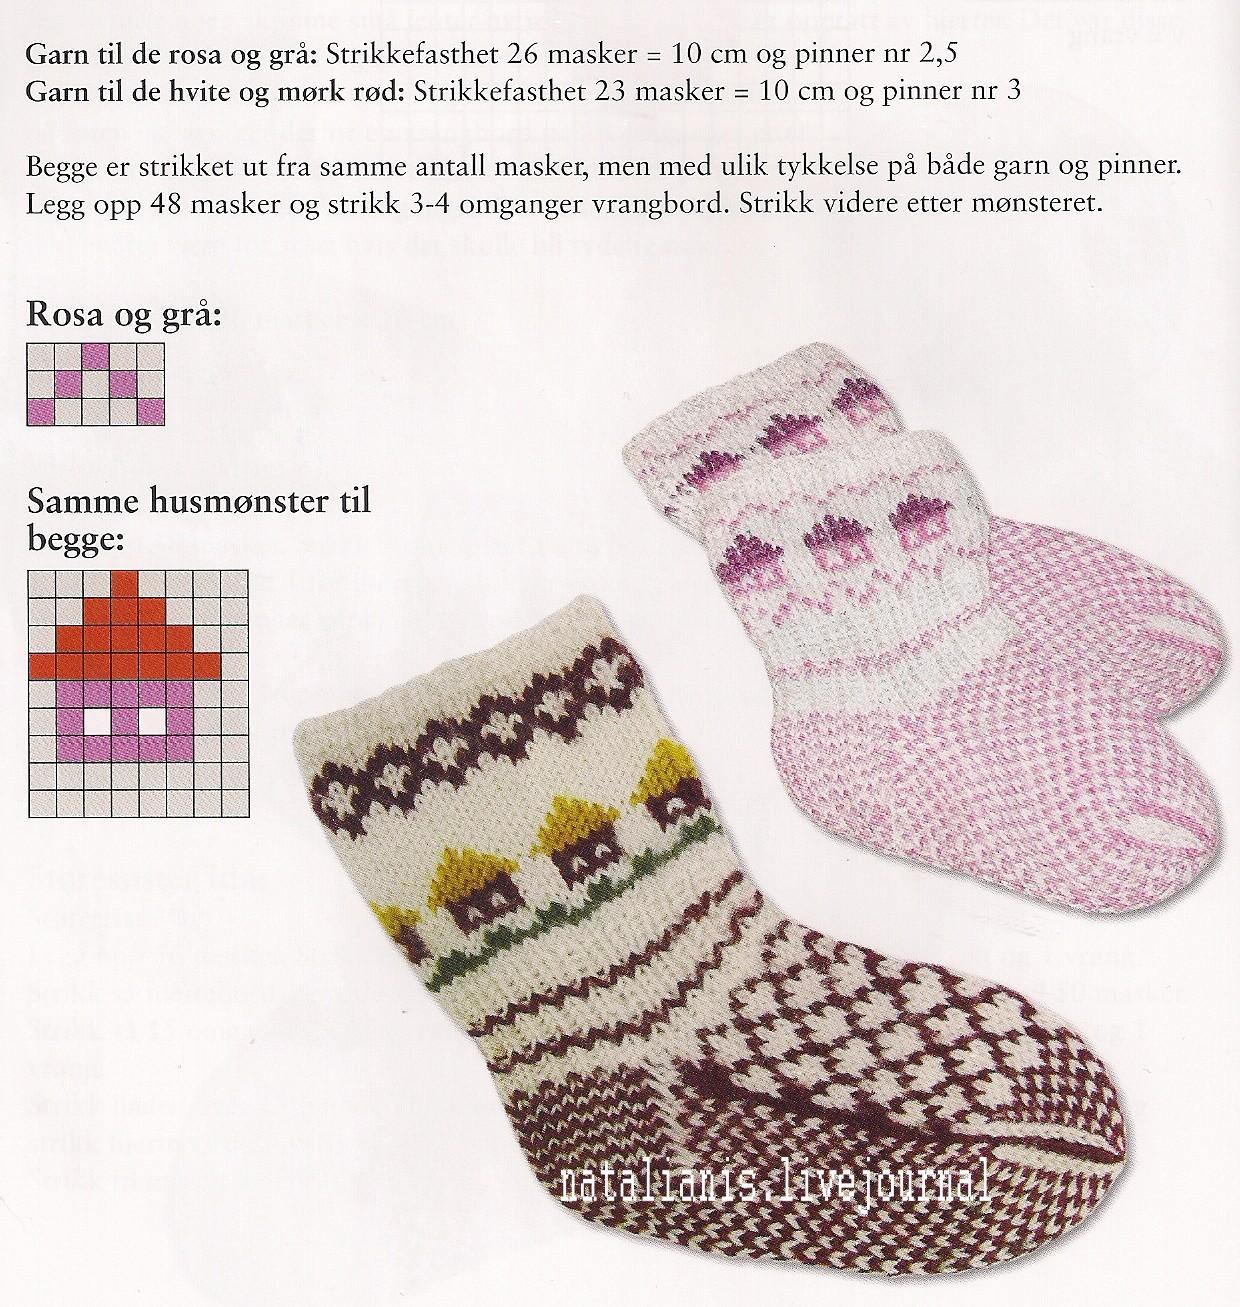 Вязание носок на спицах с узорами фото